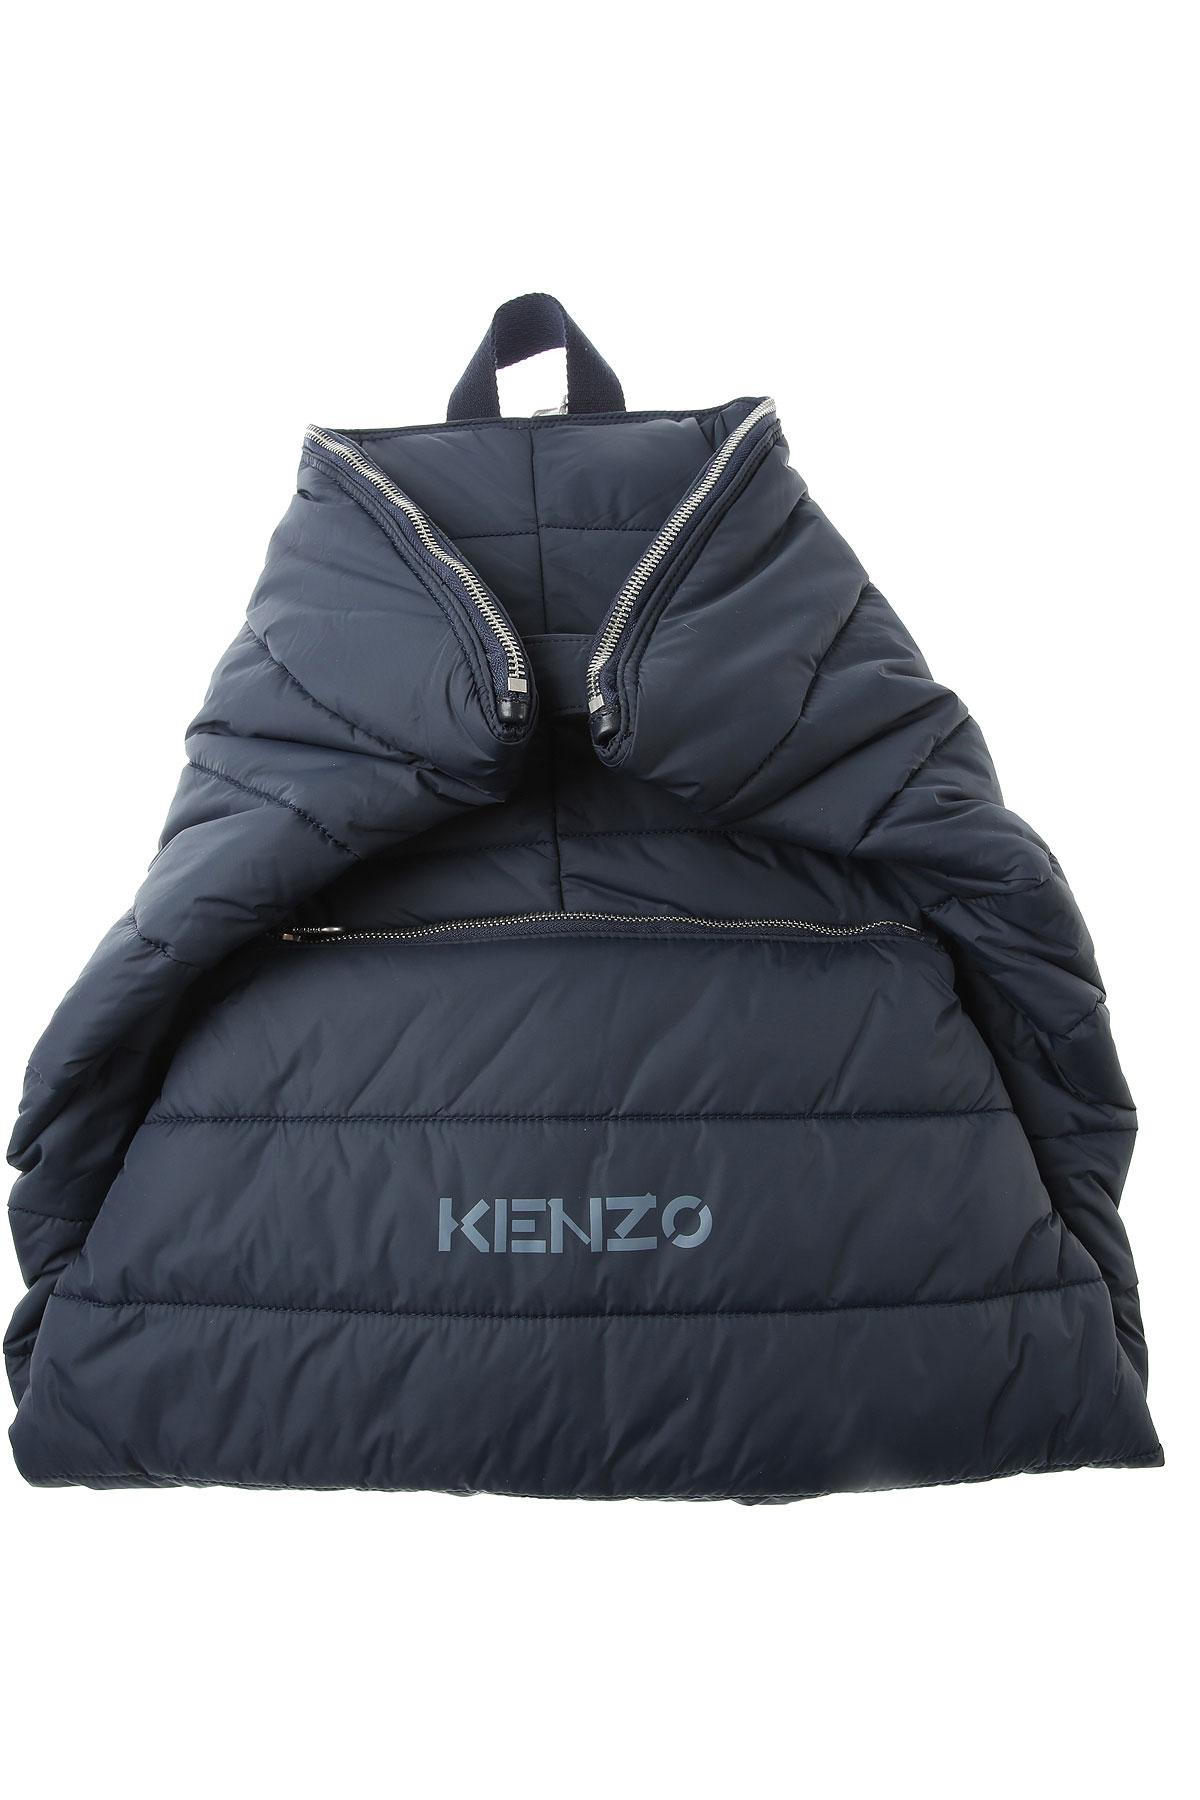 Kenzo Backpack for Men, Blue, Nylon, 2019